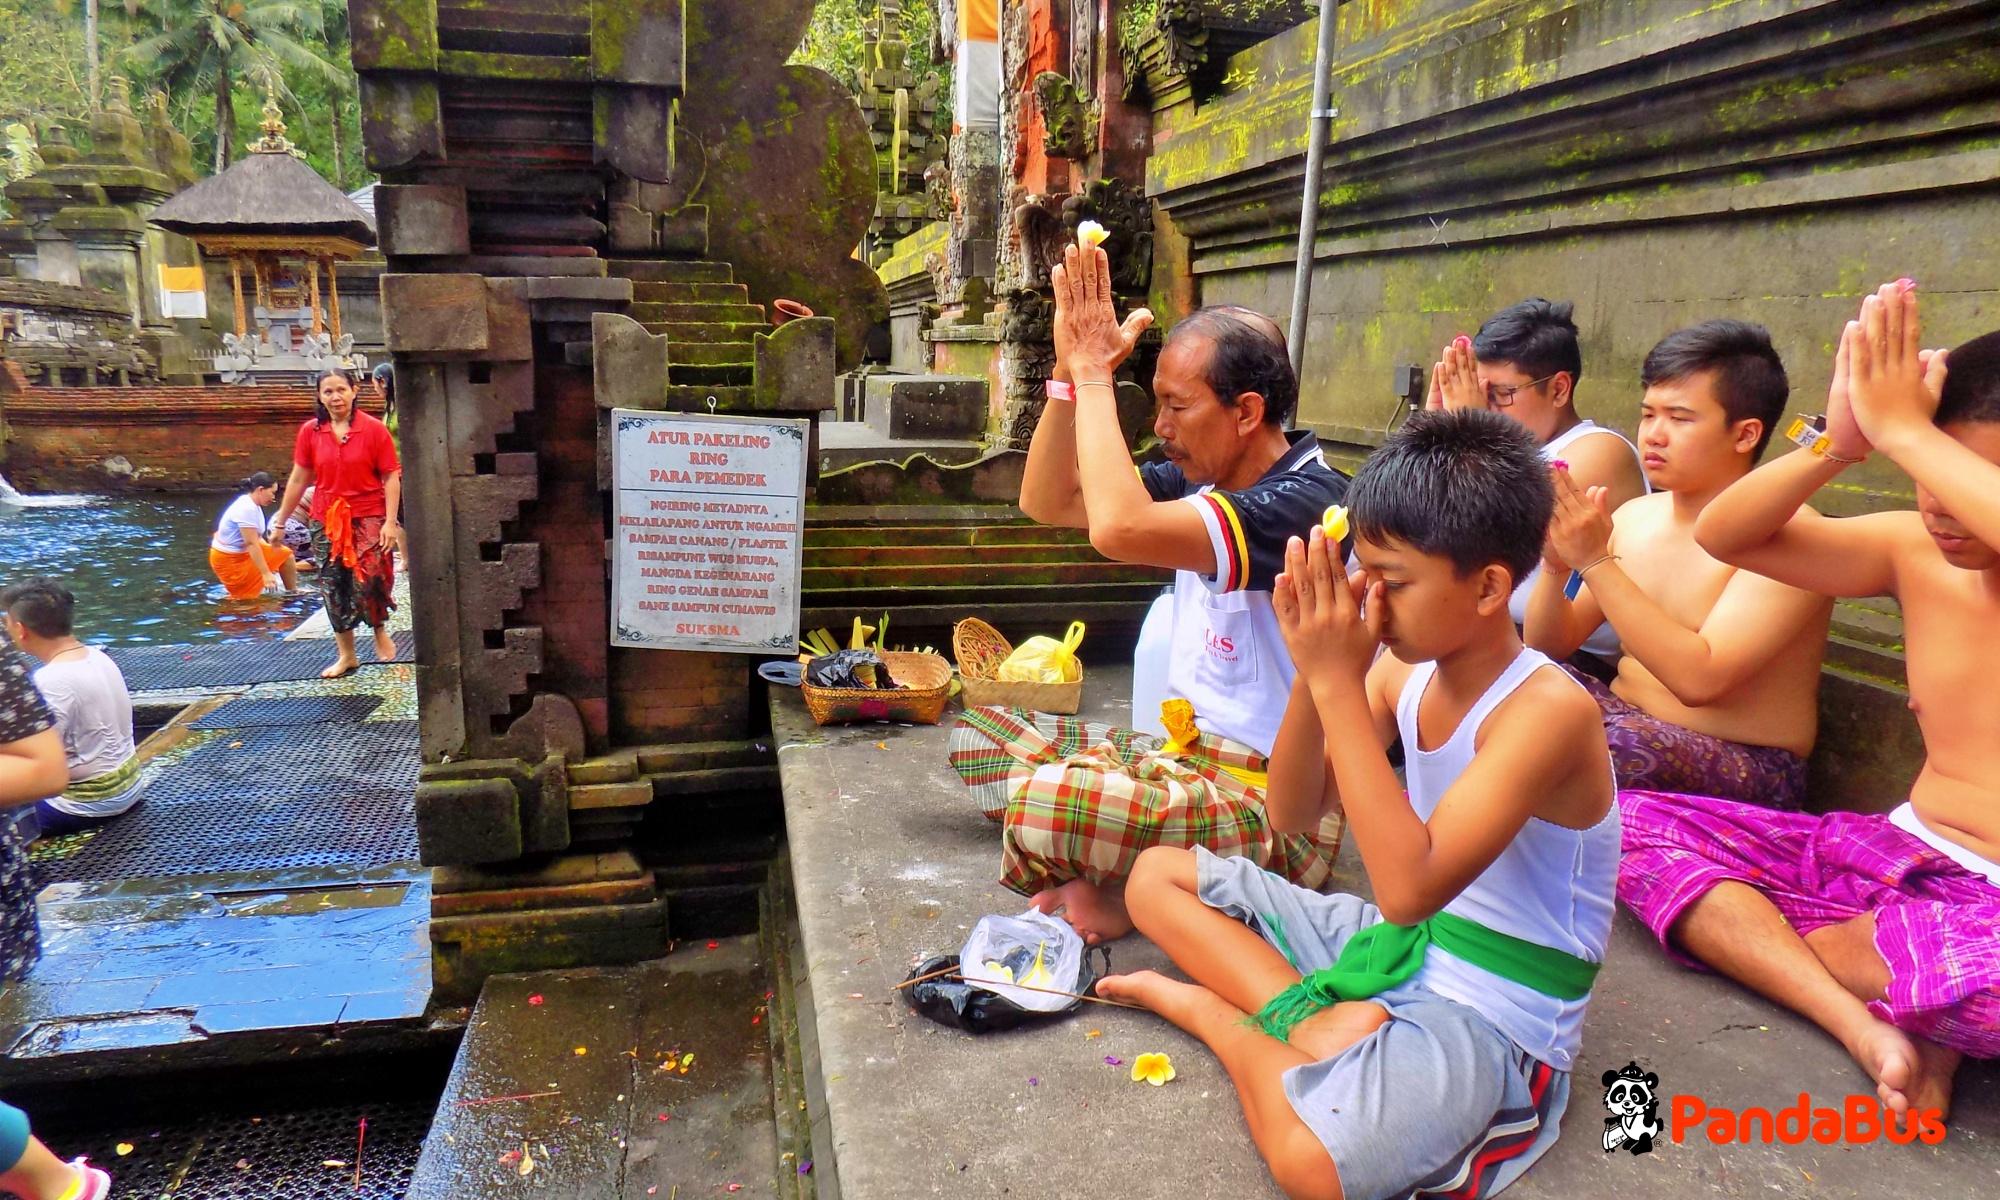 世界遺産『バトゥール寺院』にてお祈り体験 (約30分)